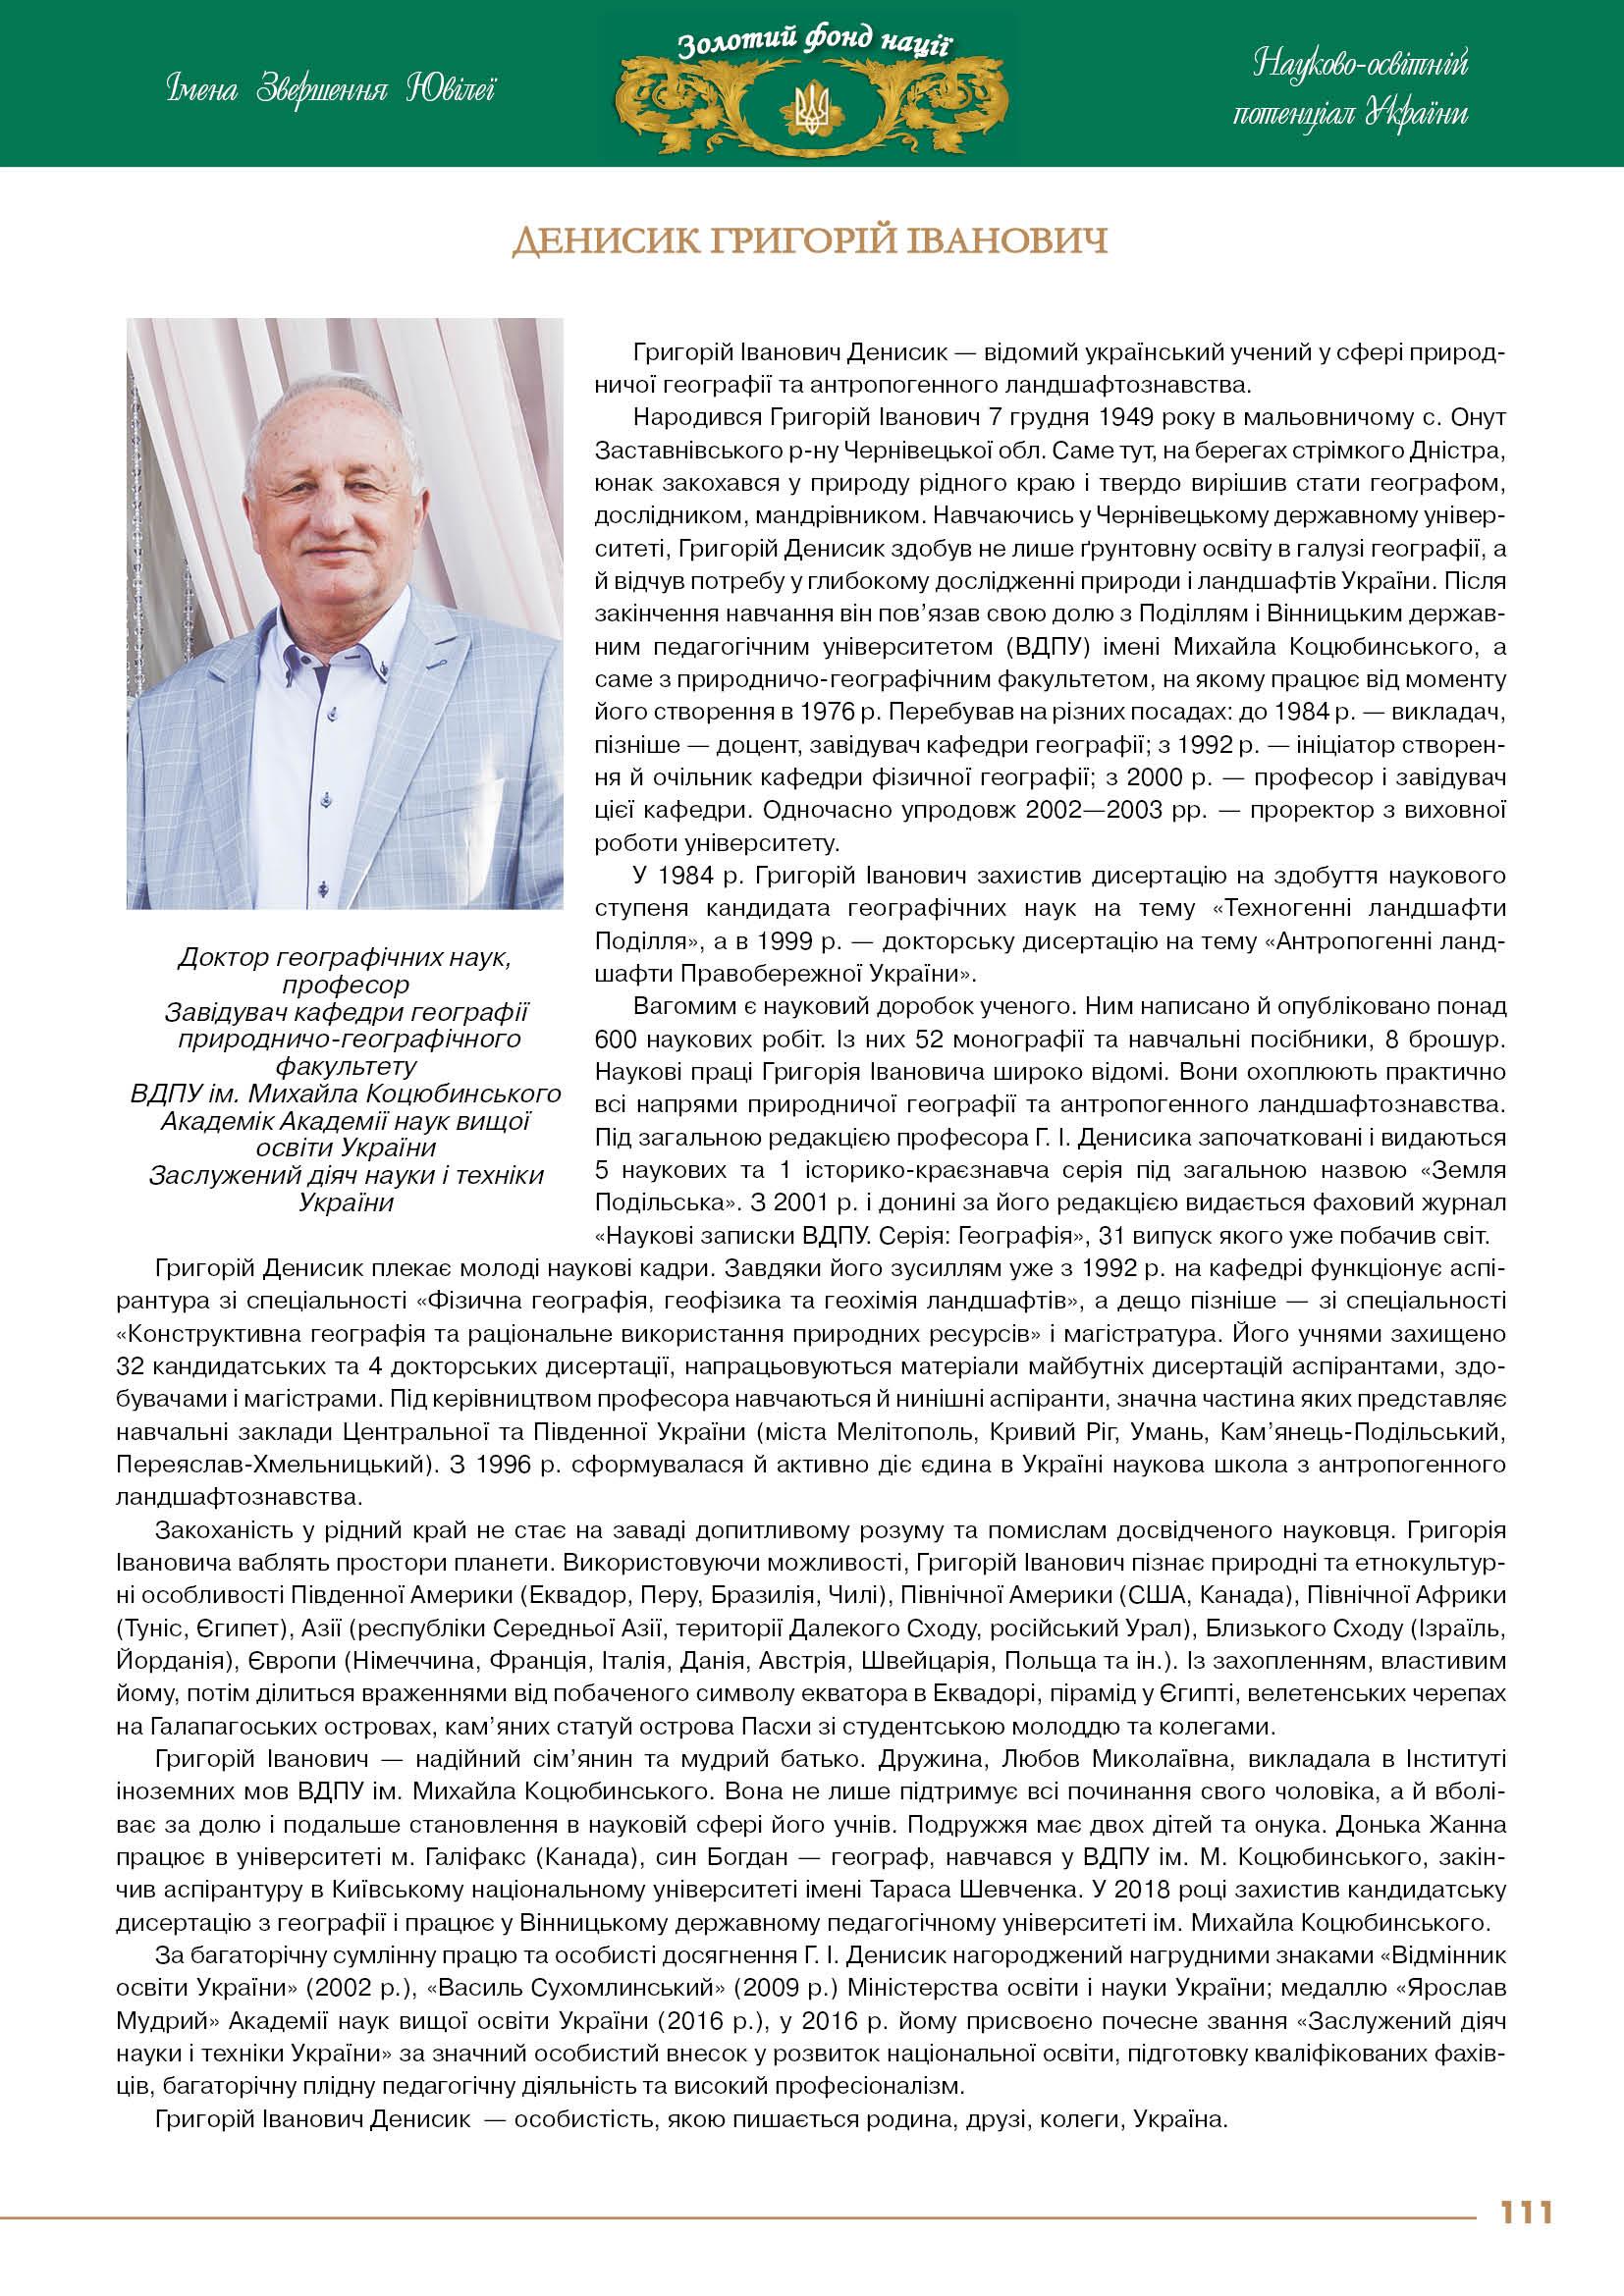 Денисик Григорій Іванович